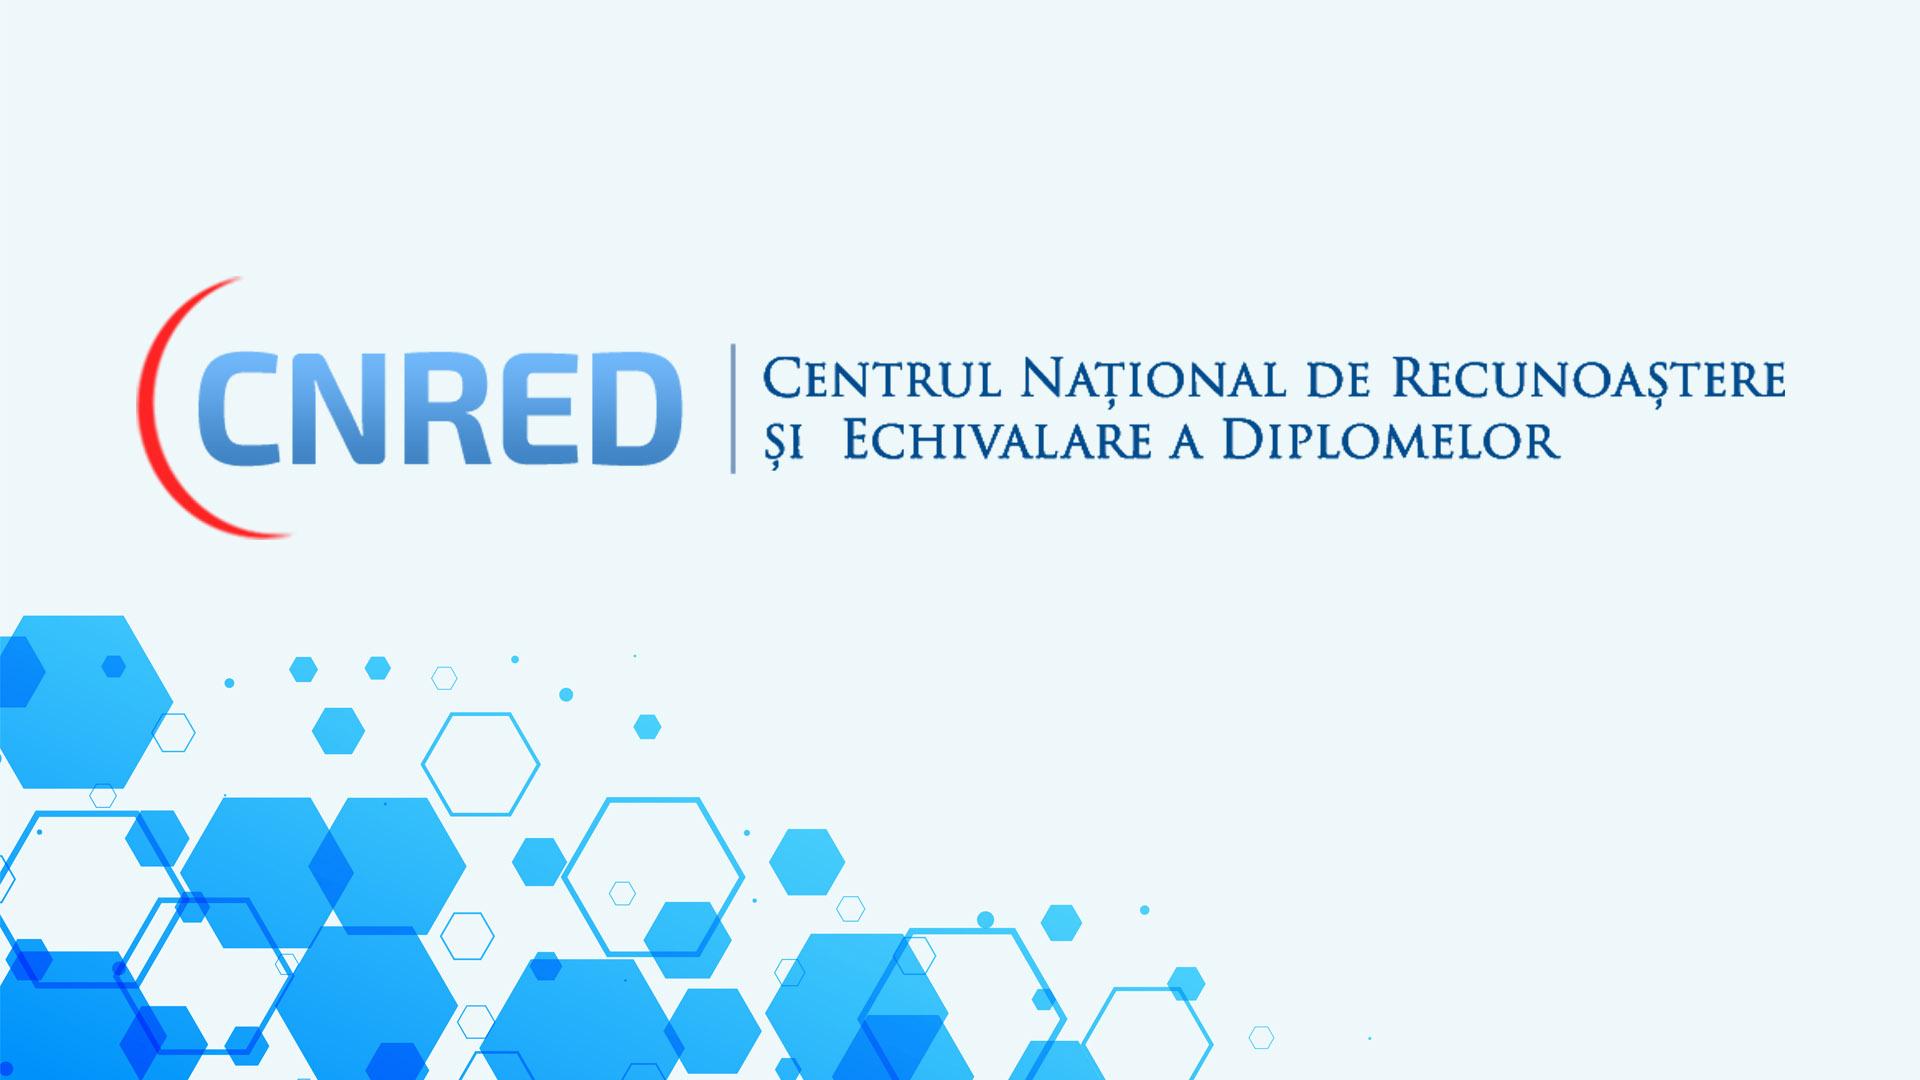 UPB Centrul Național de Recunoaștere și Echivalare a Diplomelor